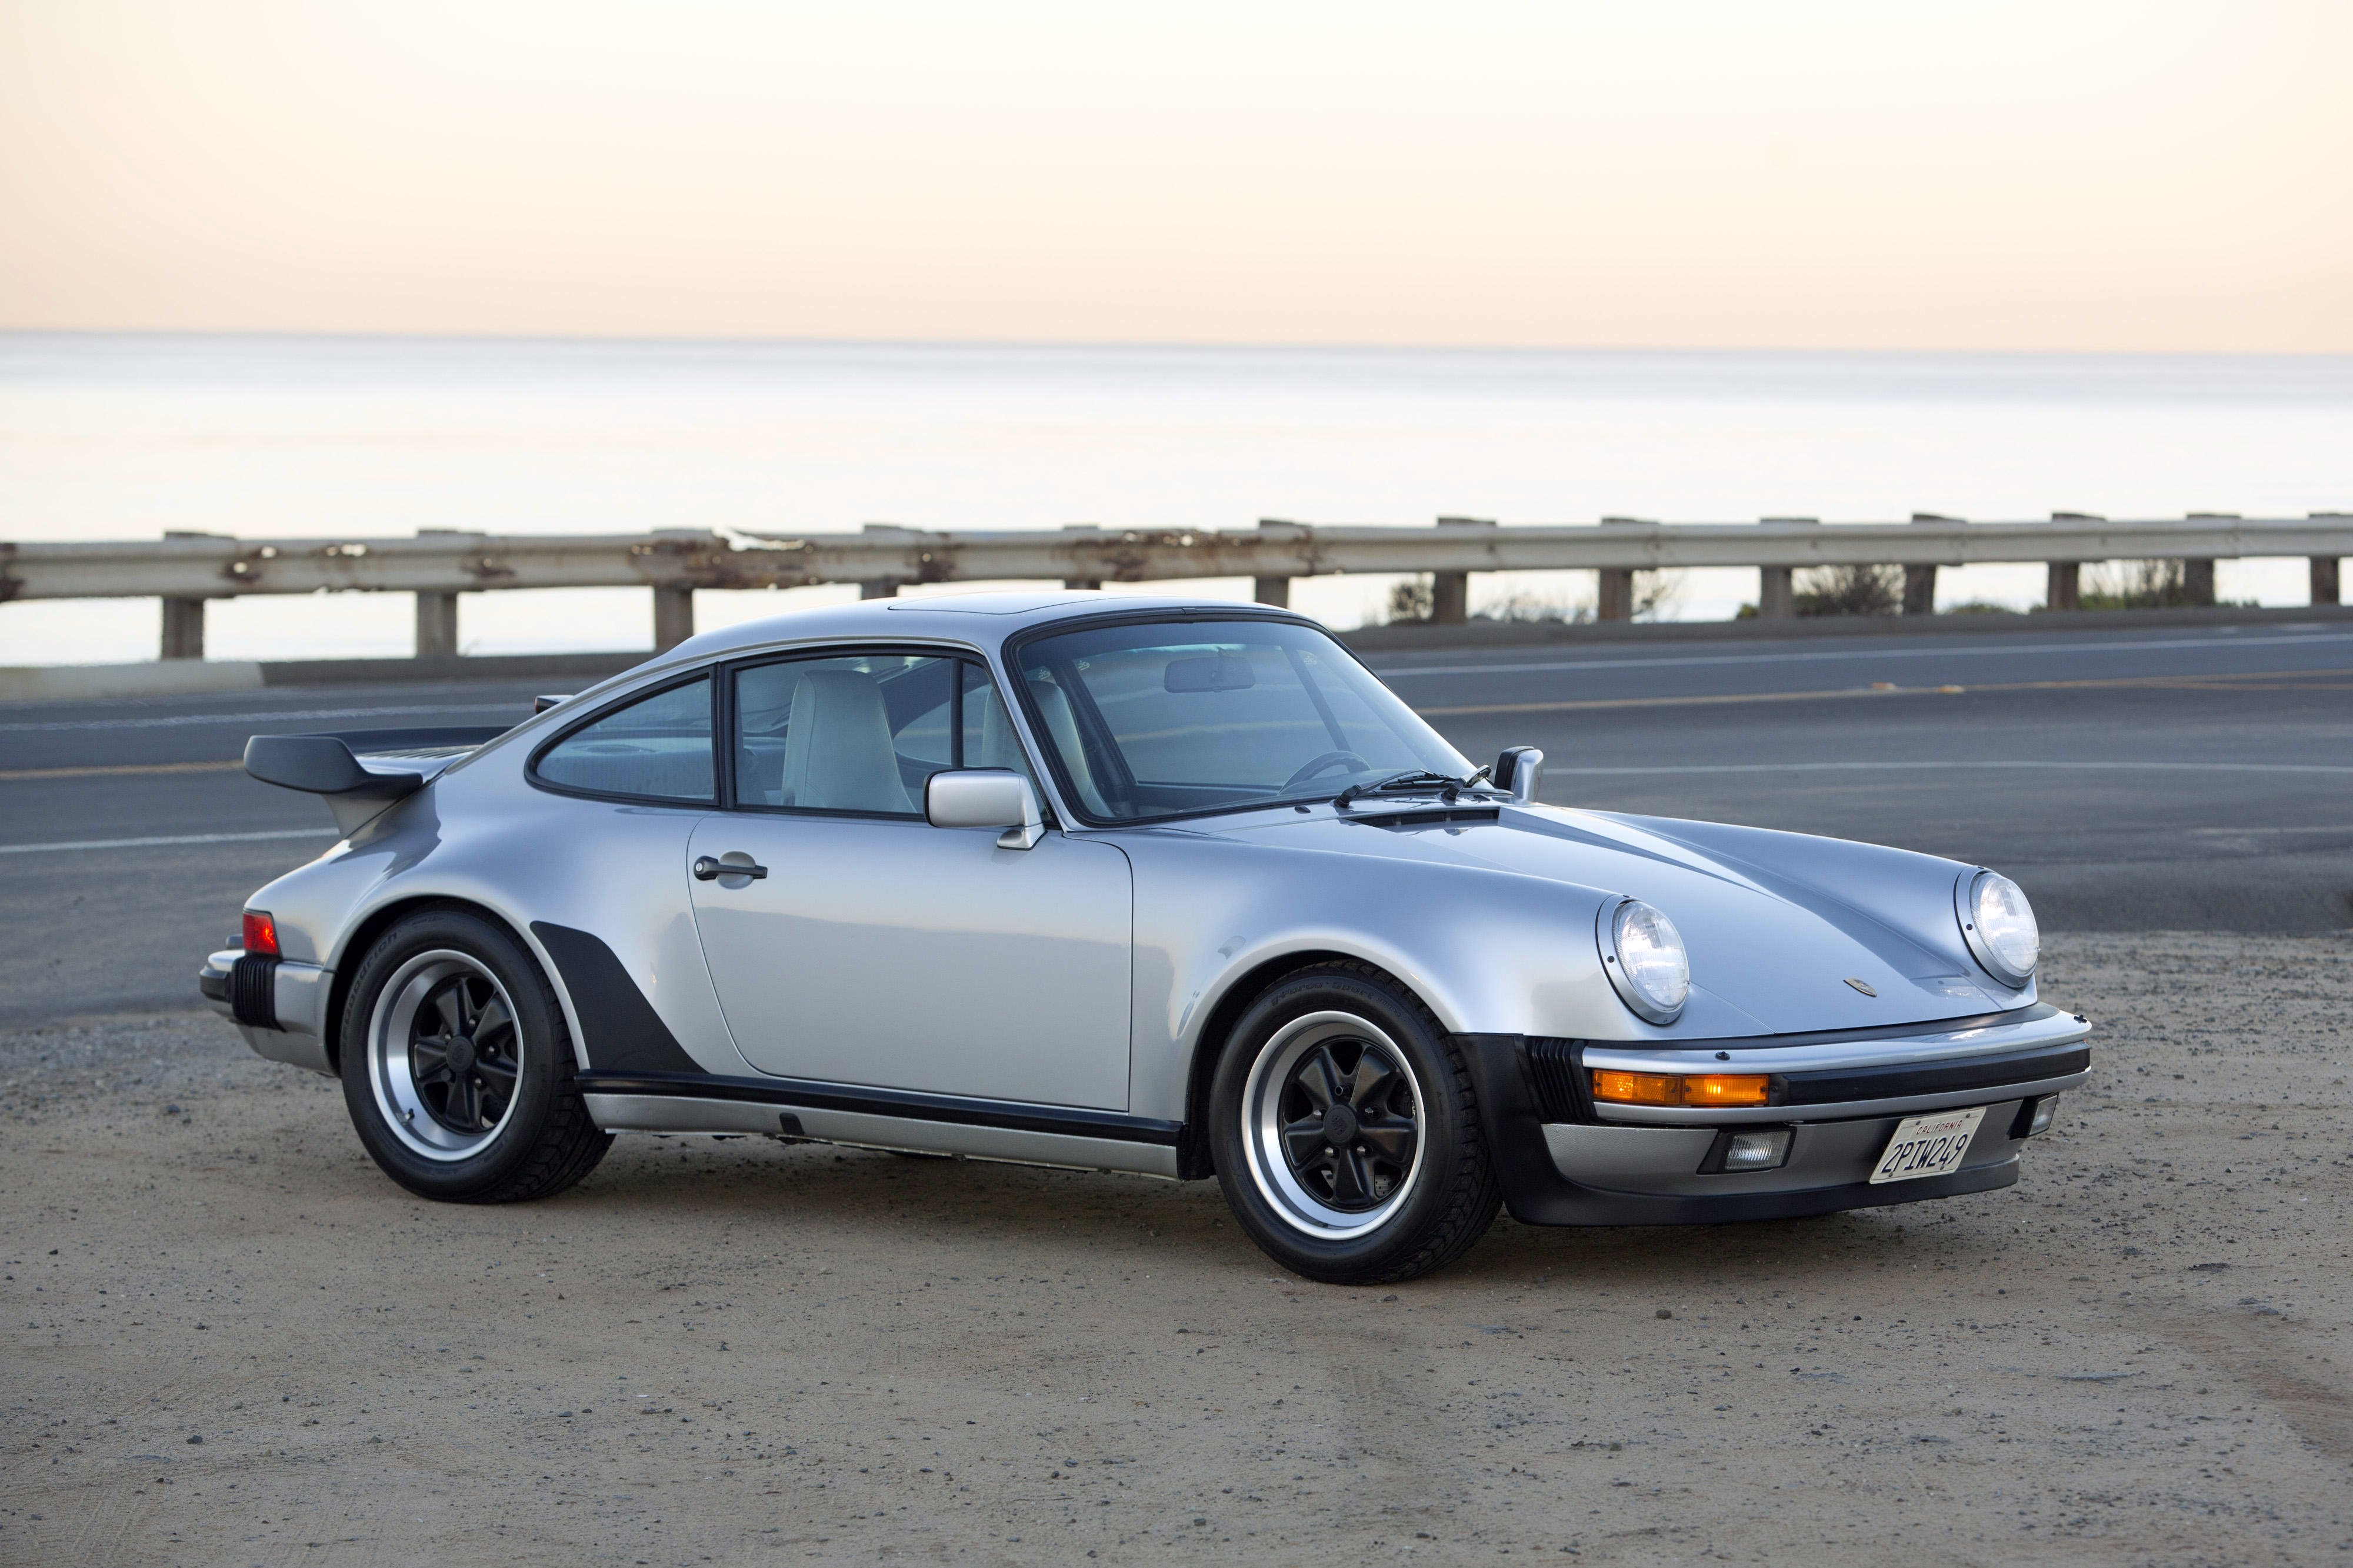 1976 Porsche 911 Turbo (930) Widescreen